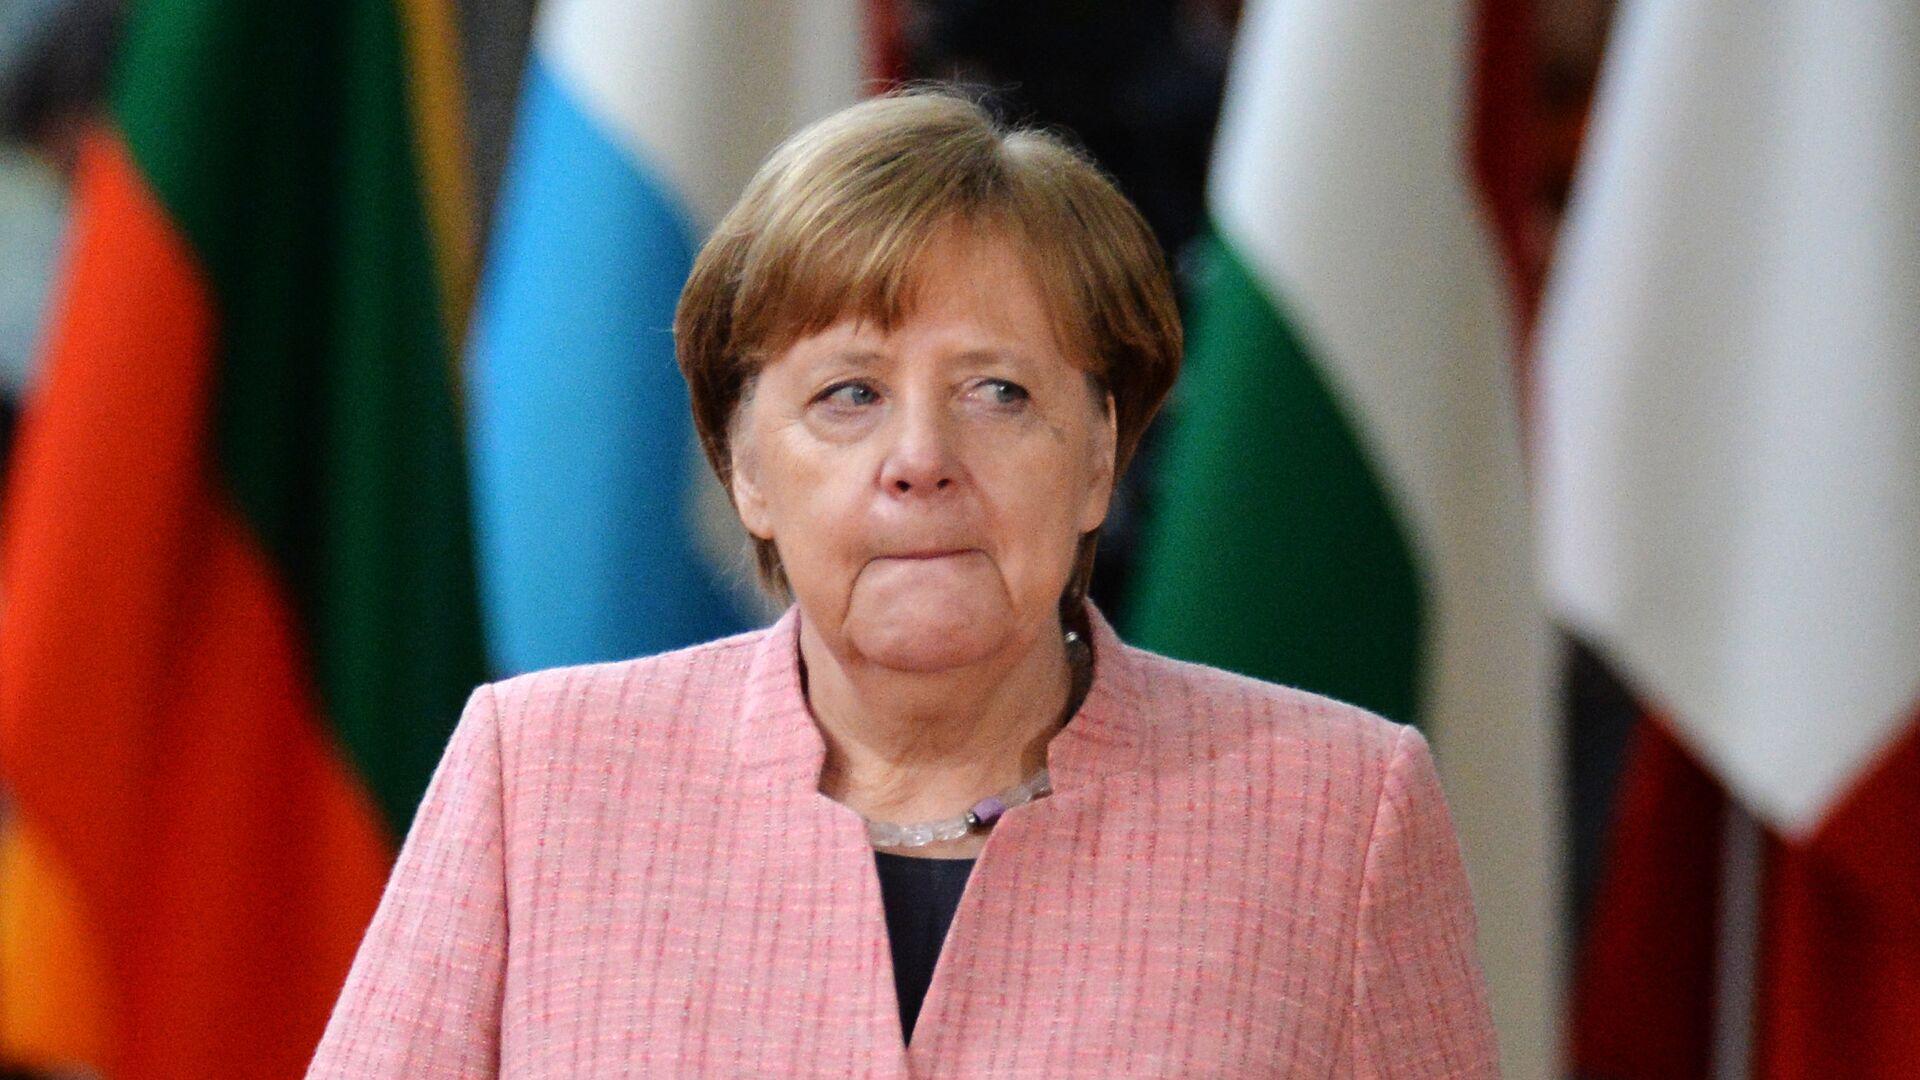 Канцлер Германии Ангела Меркель на саммите ЕС в Брюсселе. 22 марта 2018 - РИА Новости, 1920, 28.09.2020